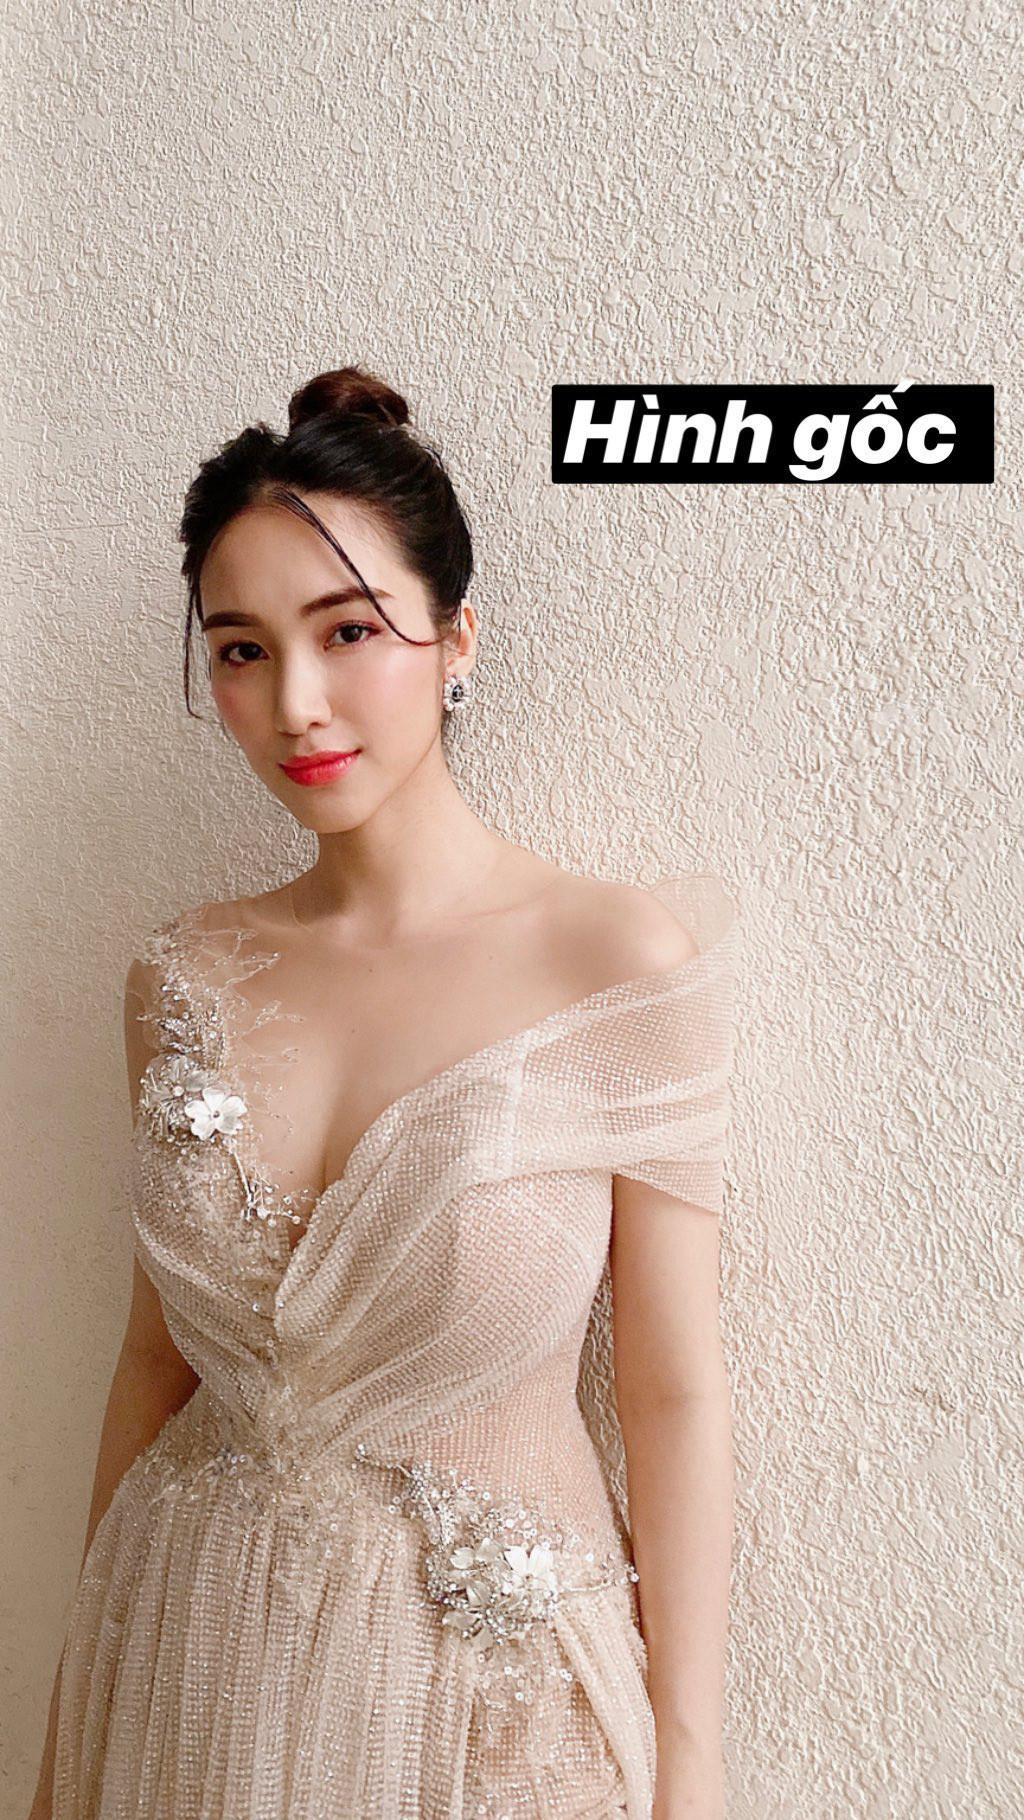 Em trai có tâm như Đức Phúc, bắt Hòa Minzy gửi hình để photoshop lại eo và ngực trước khi đăng lên MXH